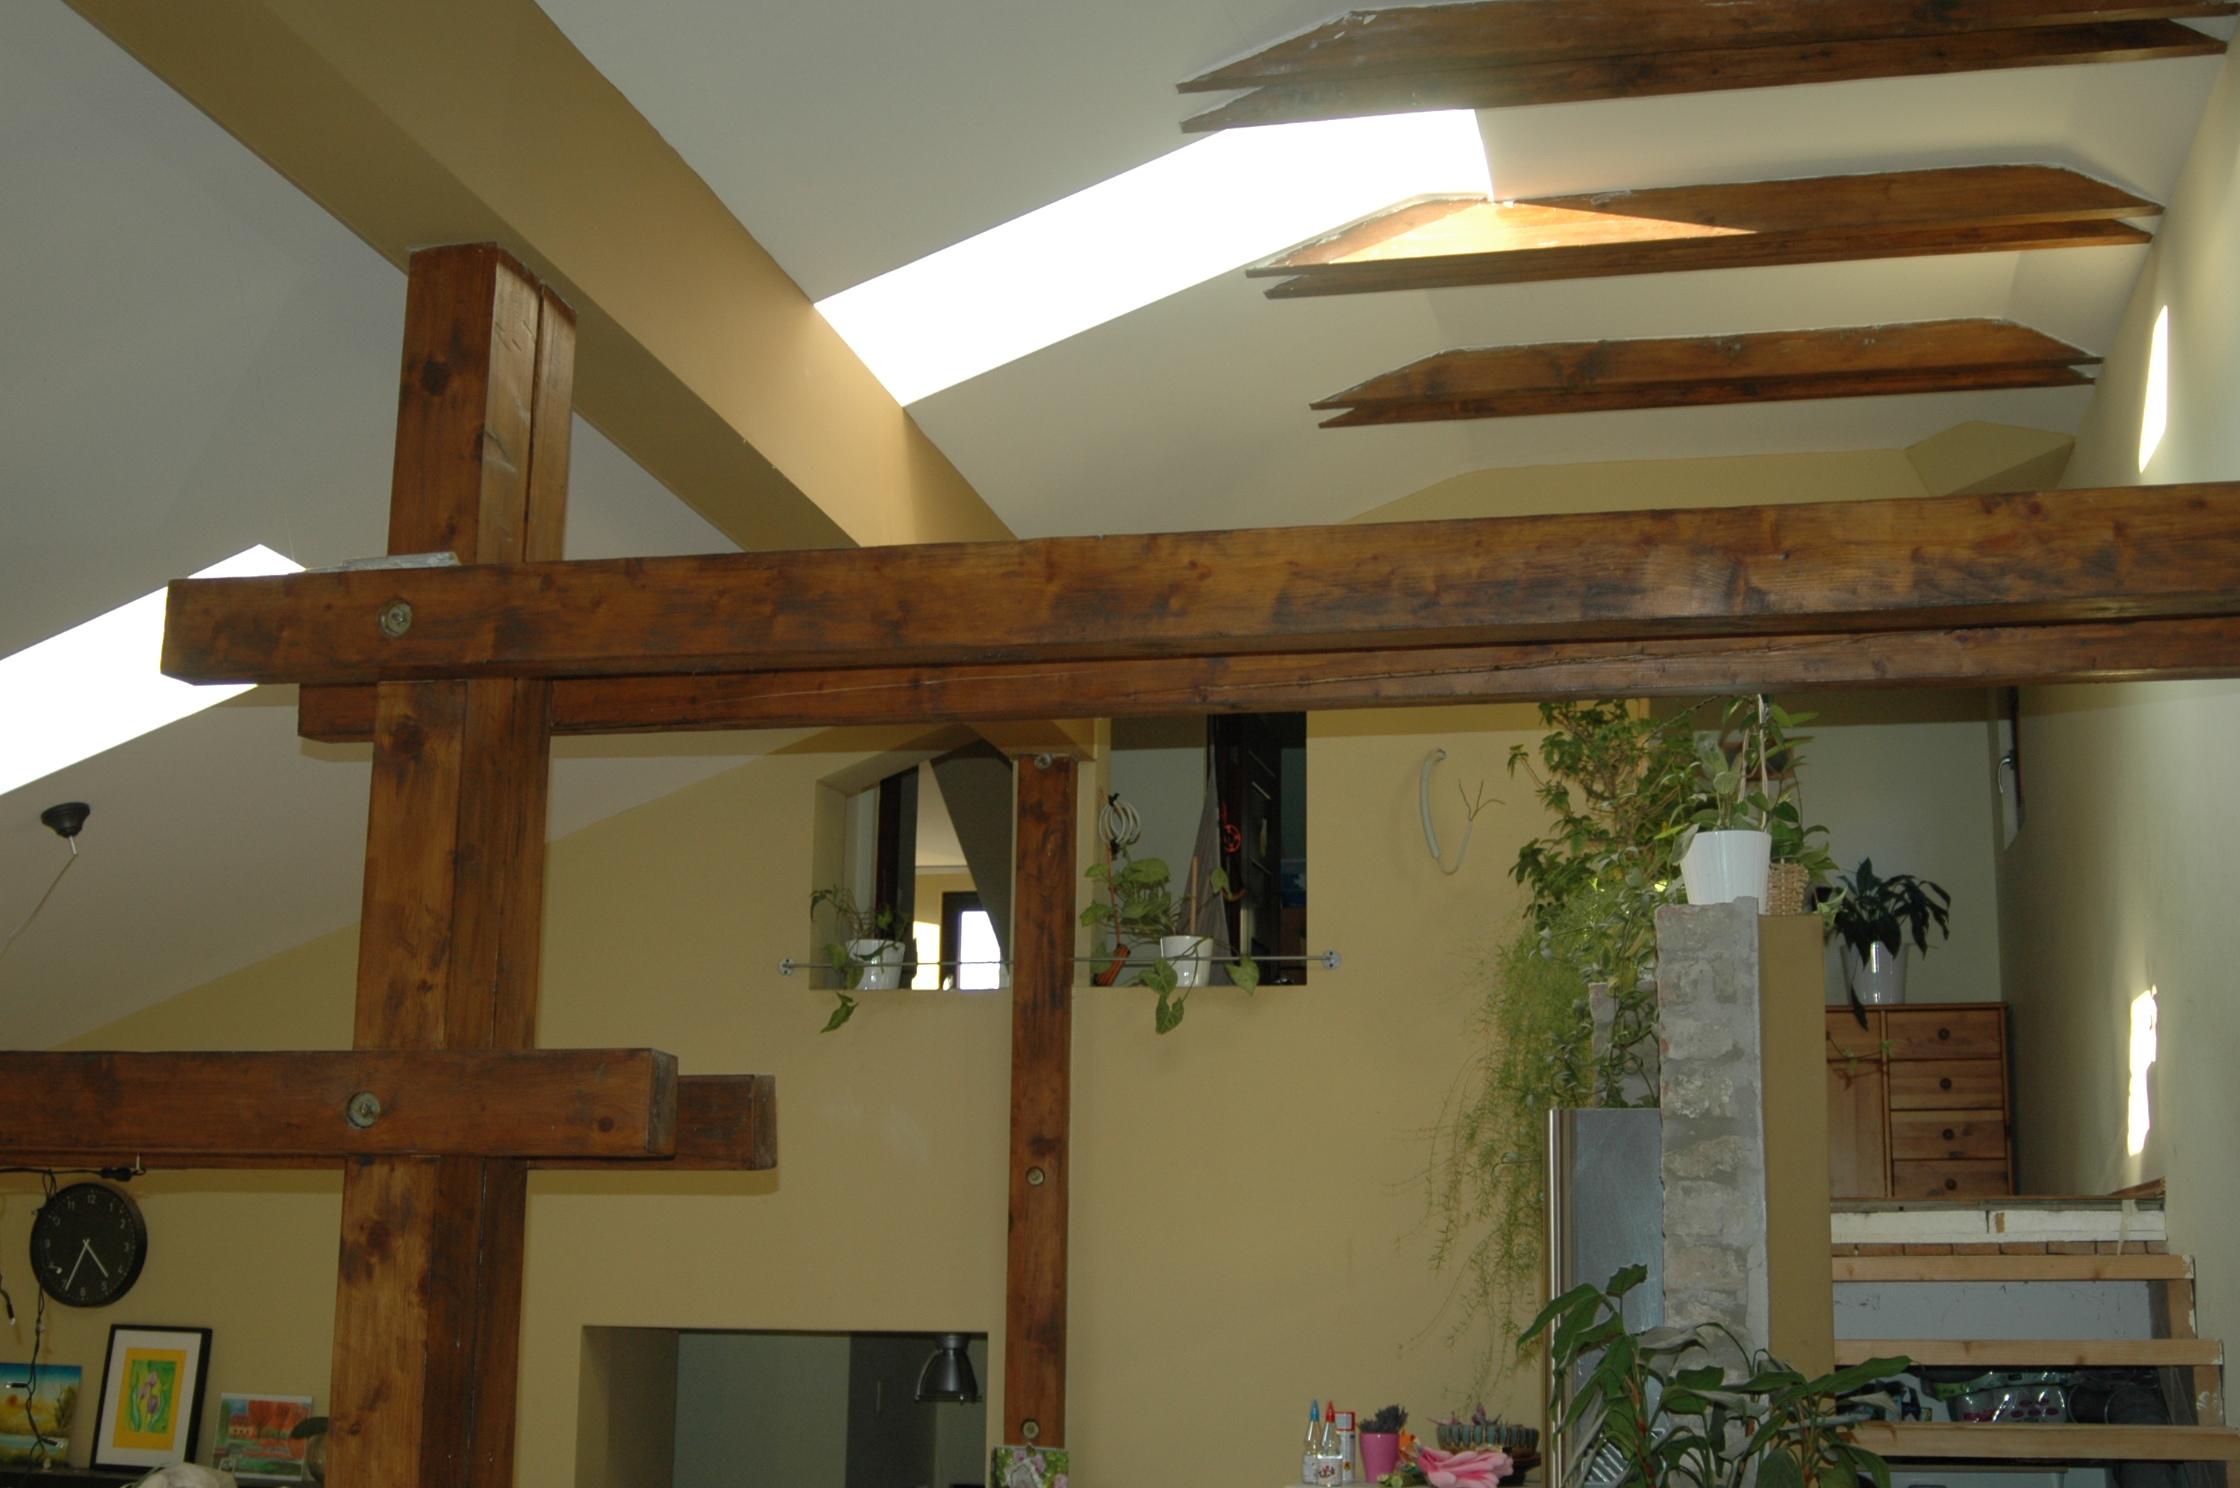 Tetőtér feljárata, látszó faszerkezetek